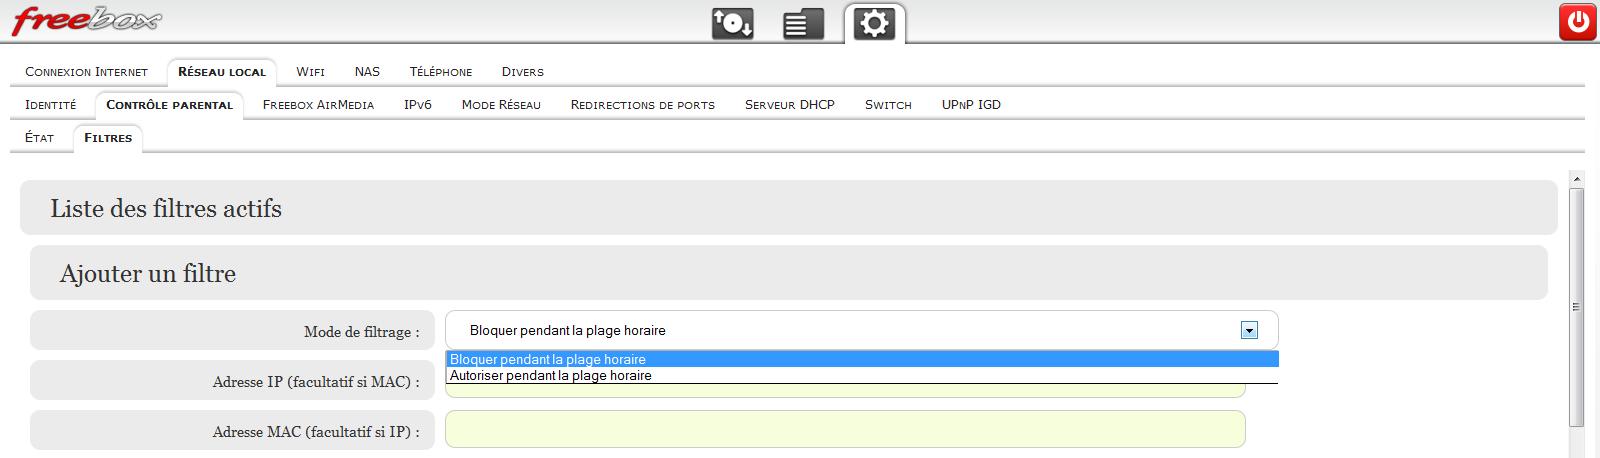 Freebox V6 Comment Restreindre L Acces Internet De Facon Ciblee